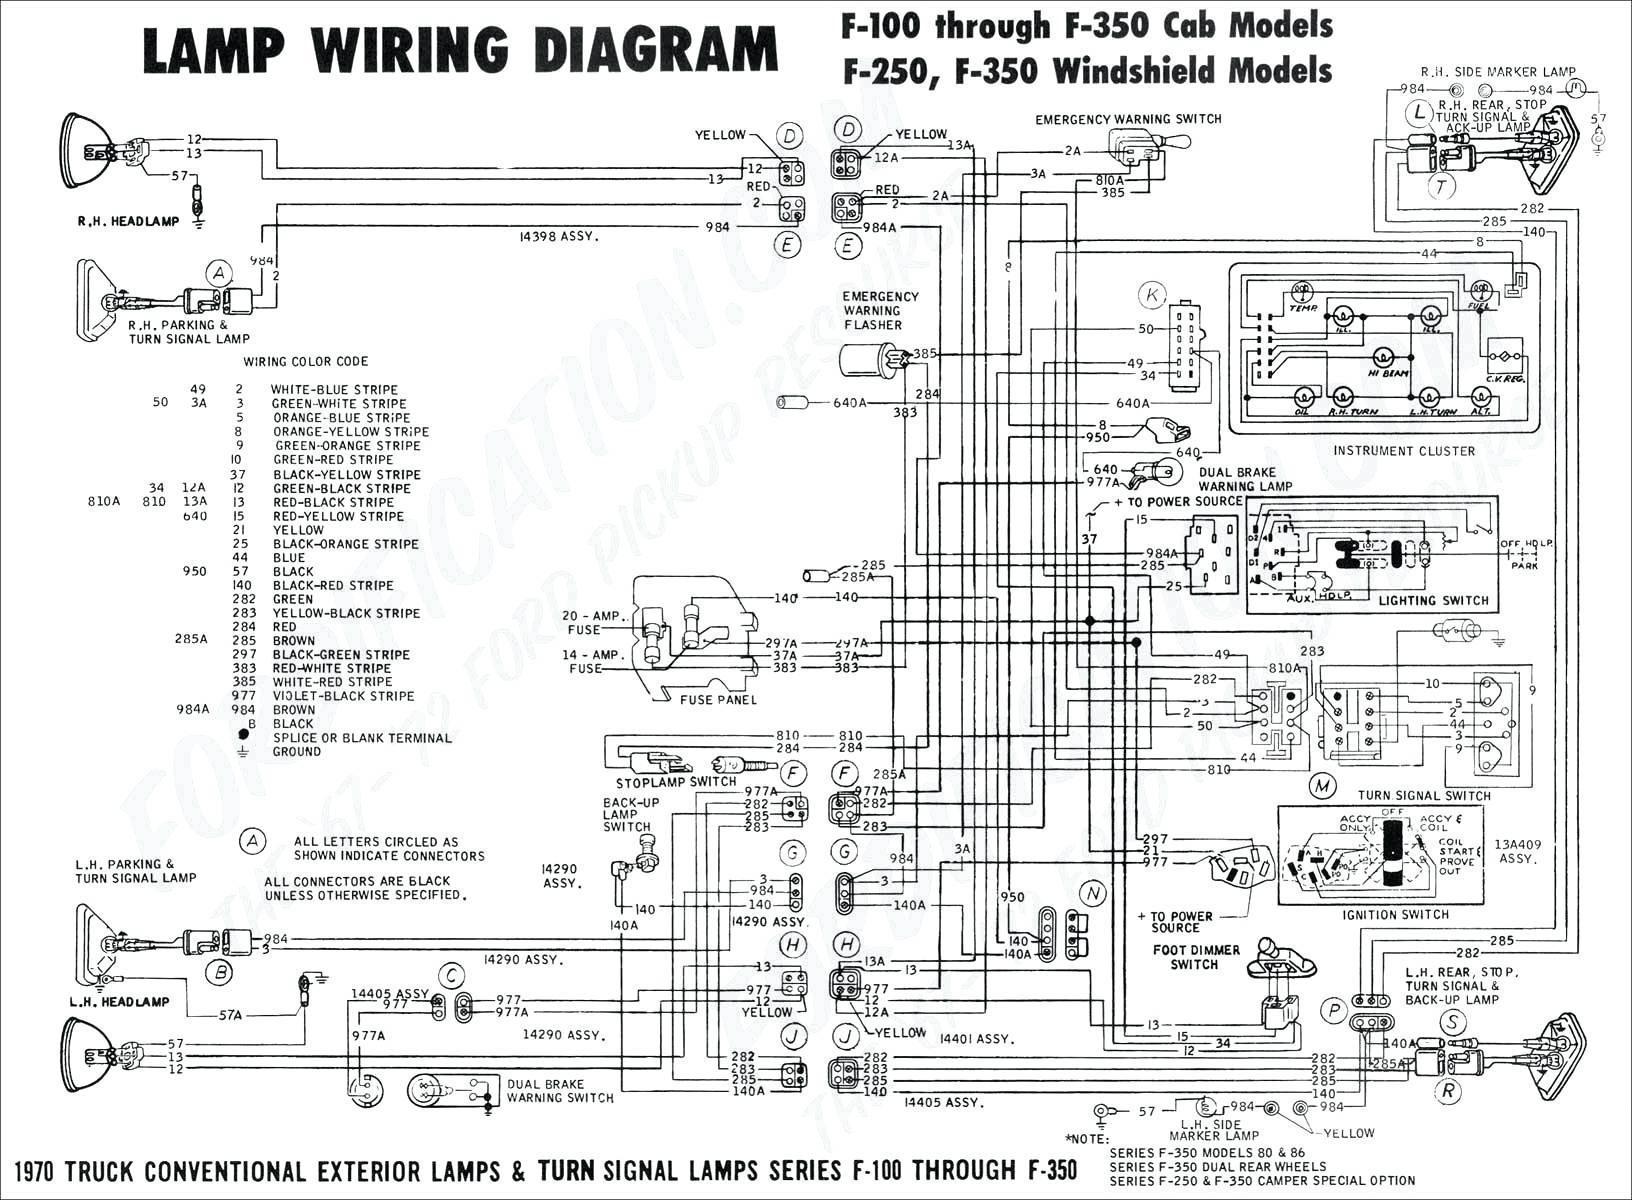 subaru impreza 1997 1998 factory service repair manual download